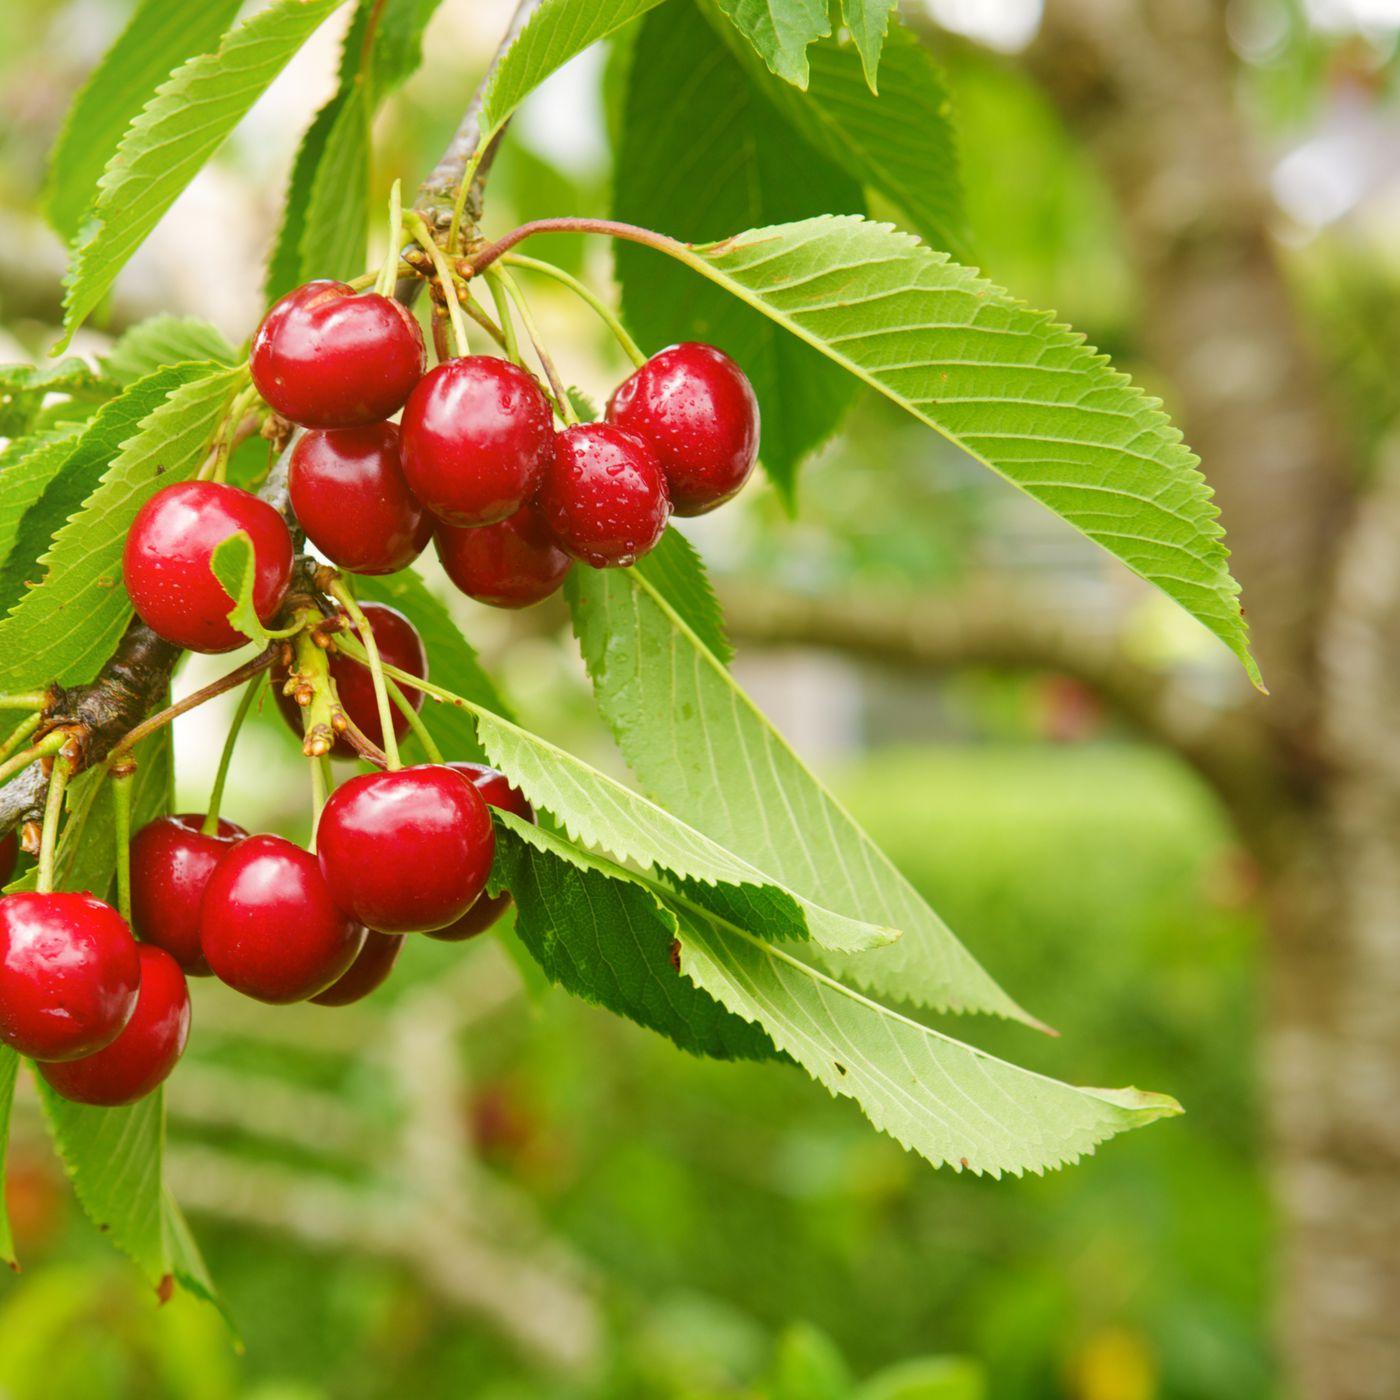 10 DWARF BLACK  CHERRY TREES SEEDS FLOWERING FRUIT TREES  SWEET CHERIES